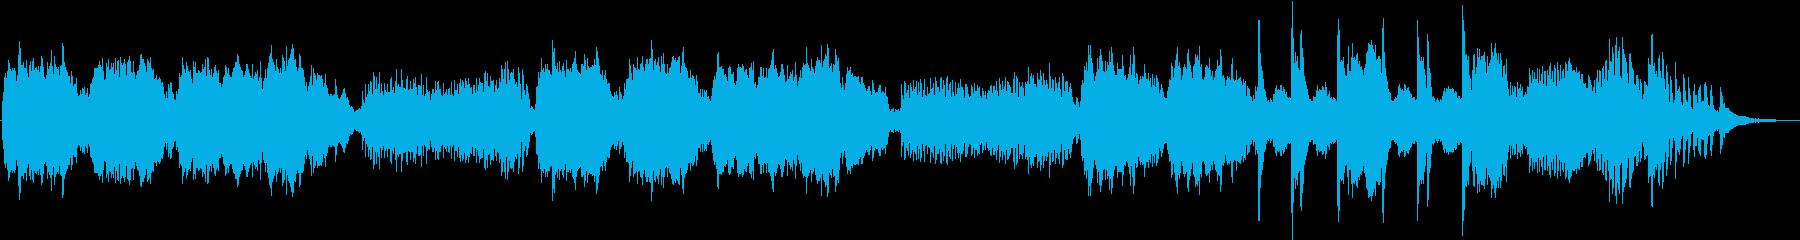 クラシック 交響曲 オペラ ドラマ...の再生済みの波形